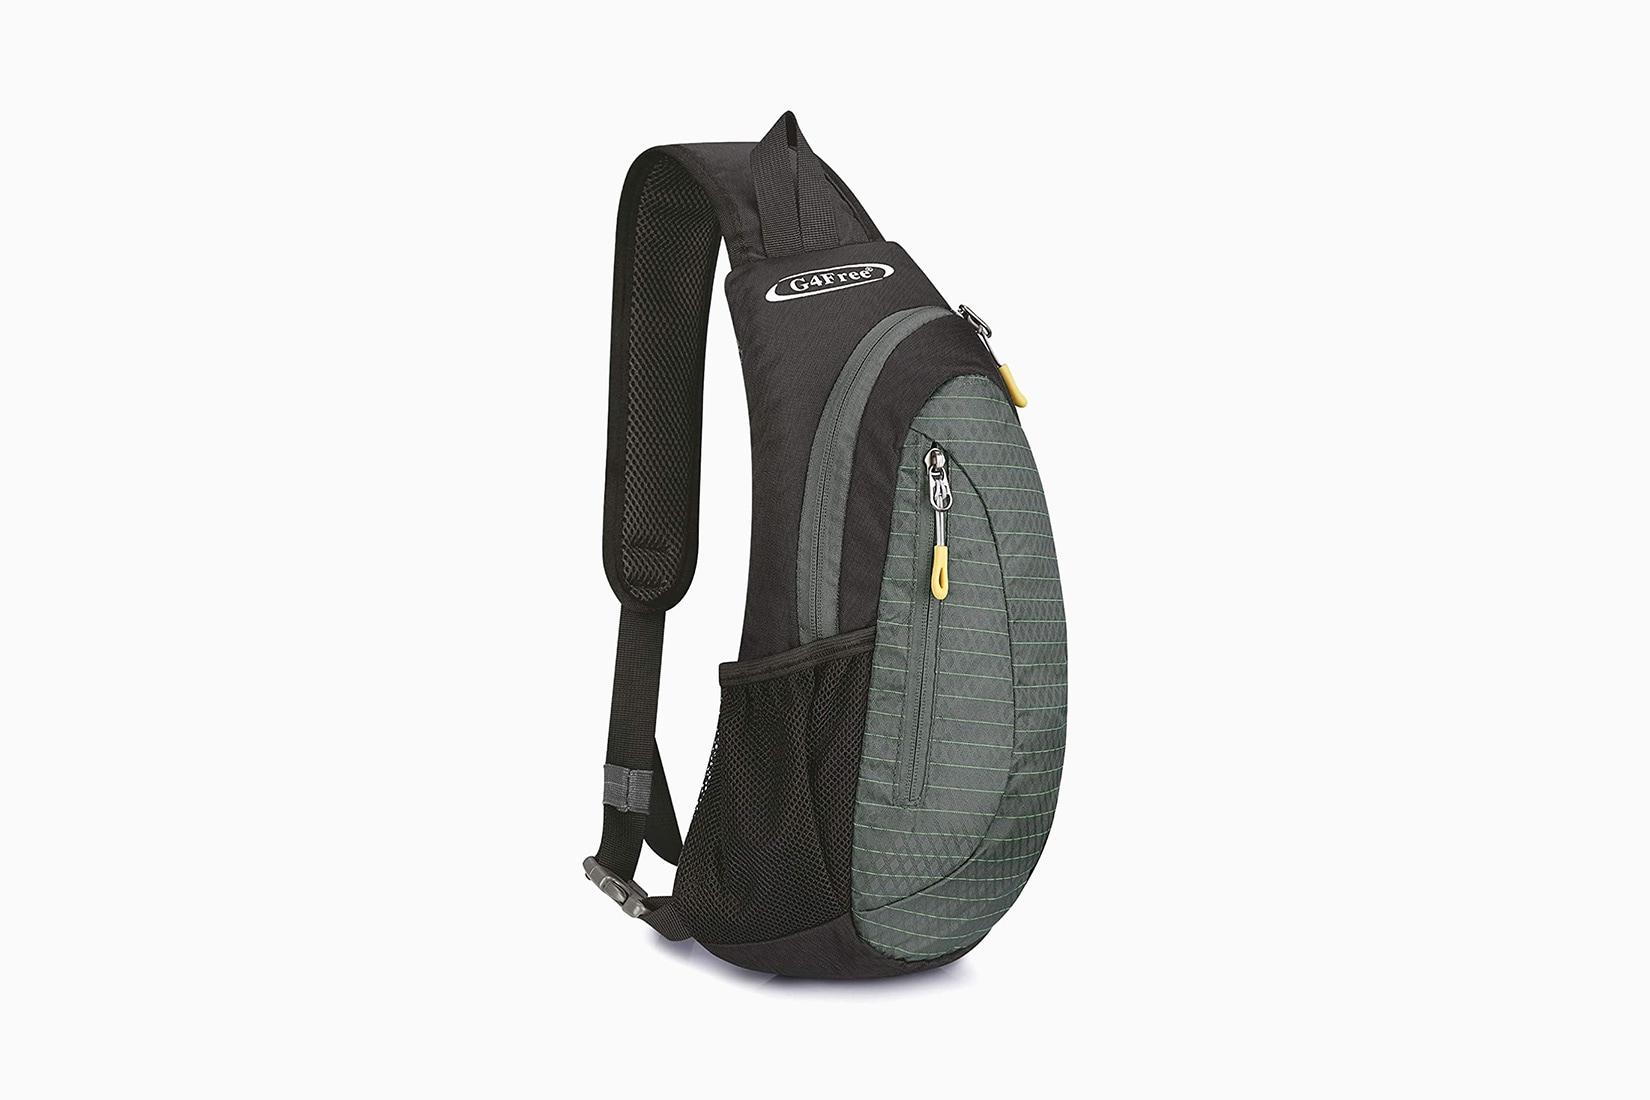 best sling bag G4Free - Luxe Digital